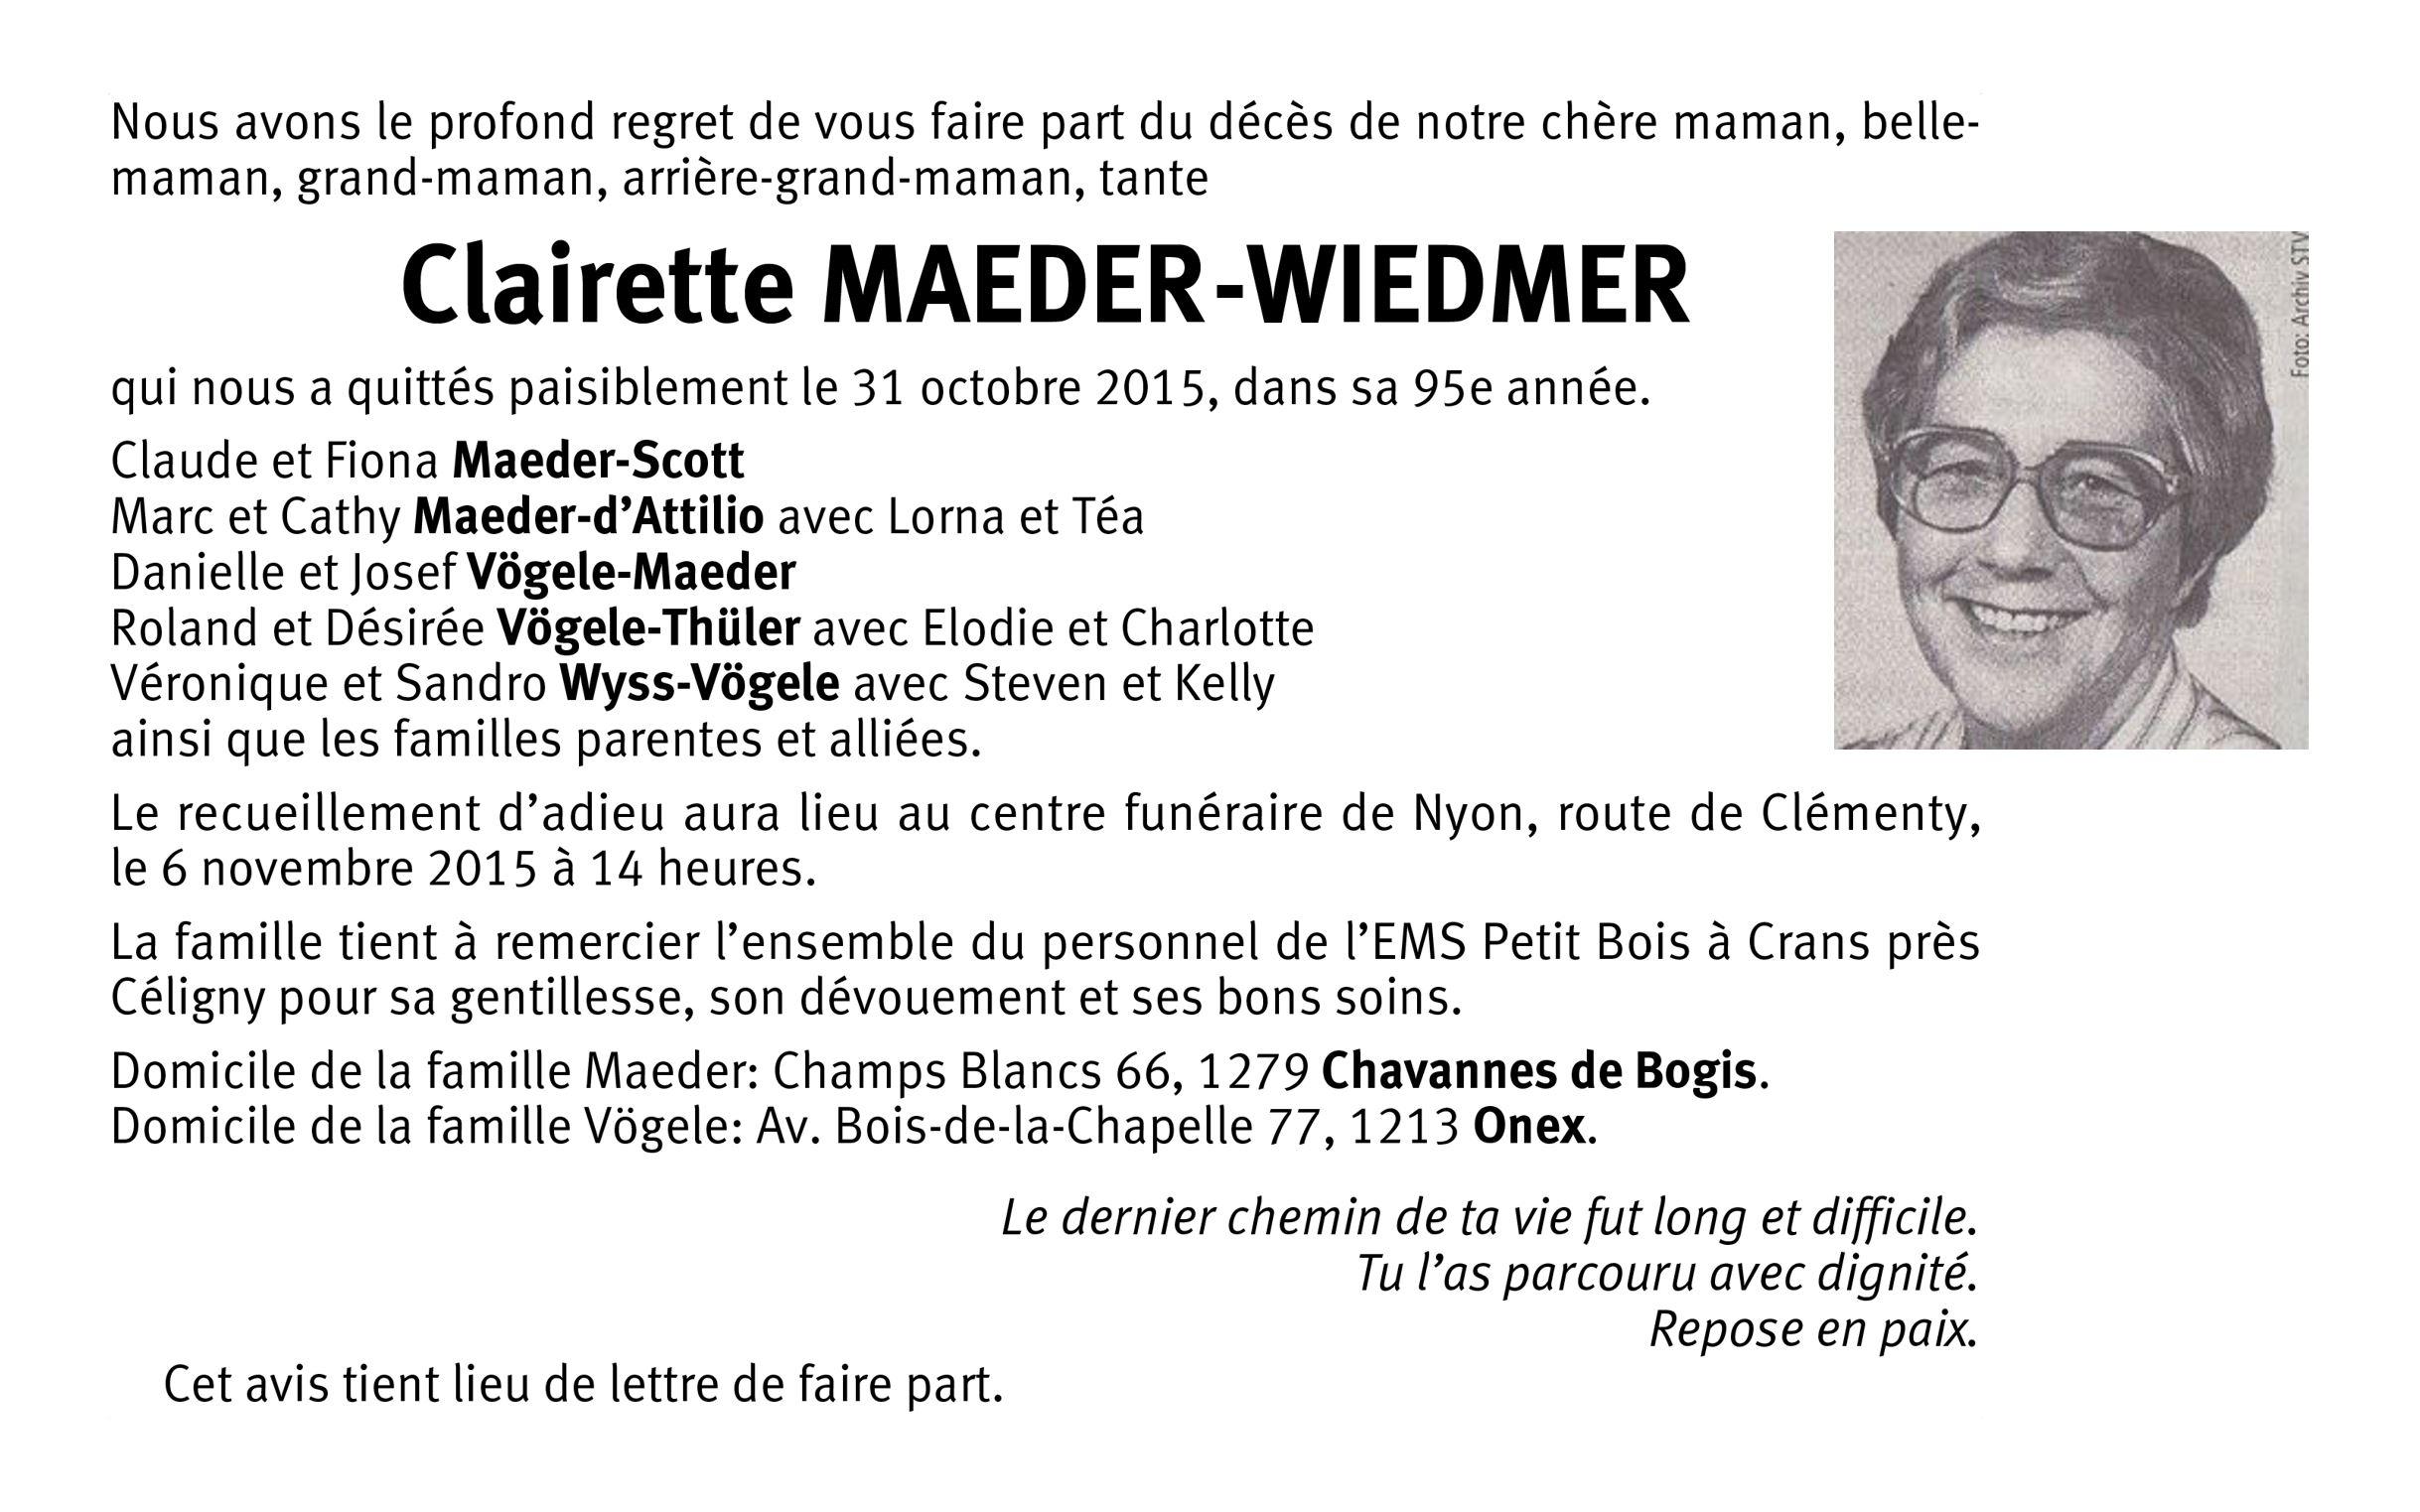 Clairette Maeder-Wiedmer (1921-2015)